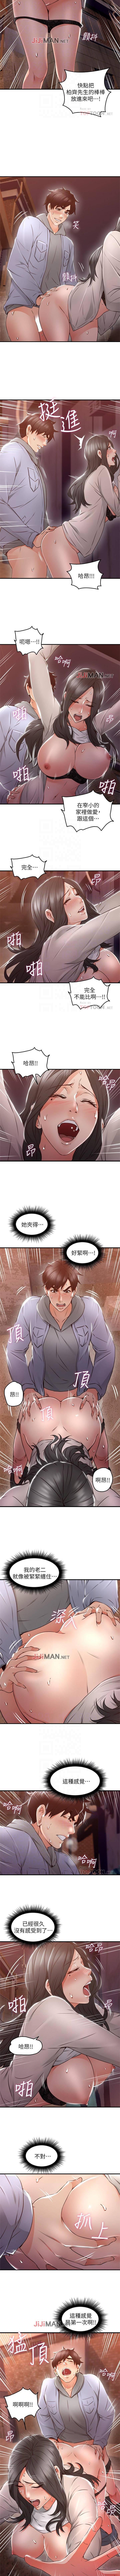 【周六更新】邻居人妻(作者:李周元 & 頸枕) 第1~50话 104